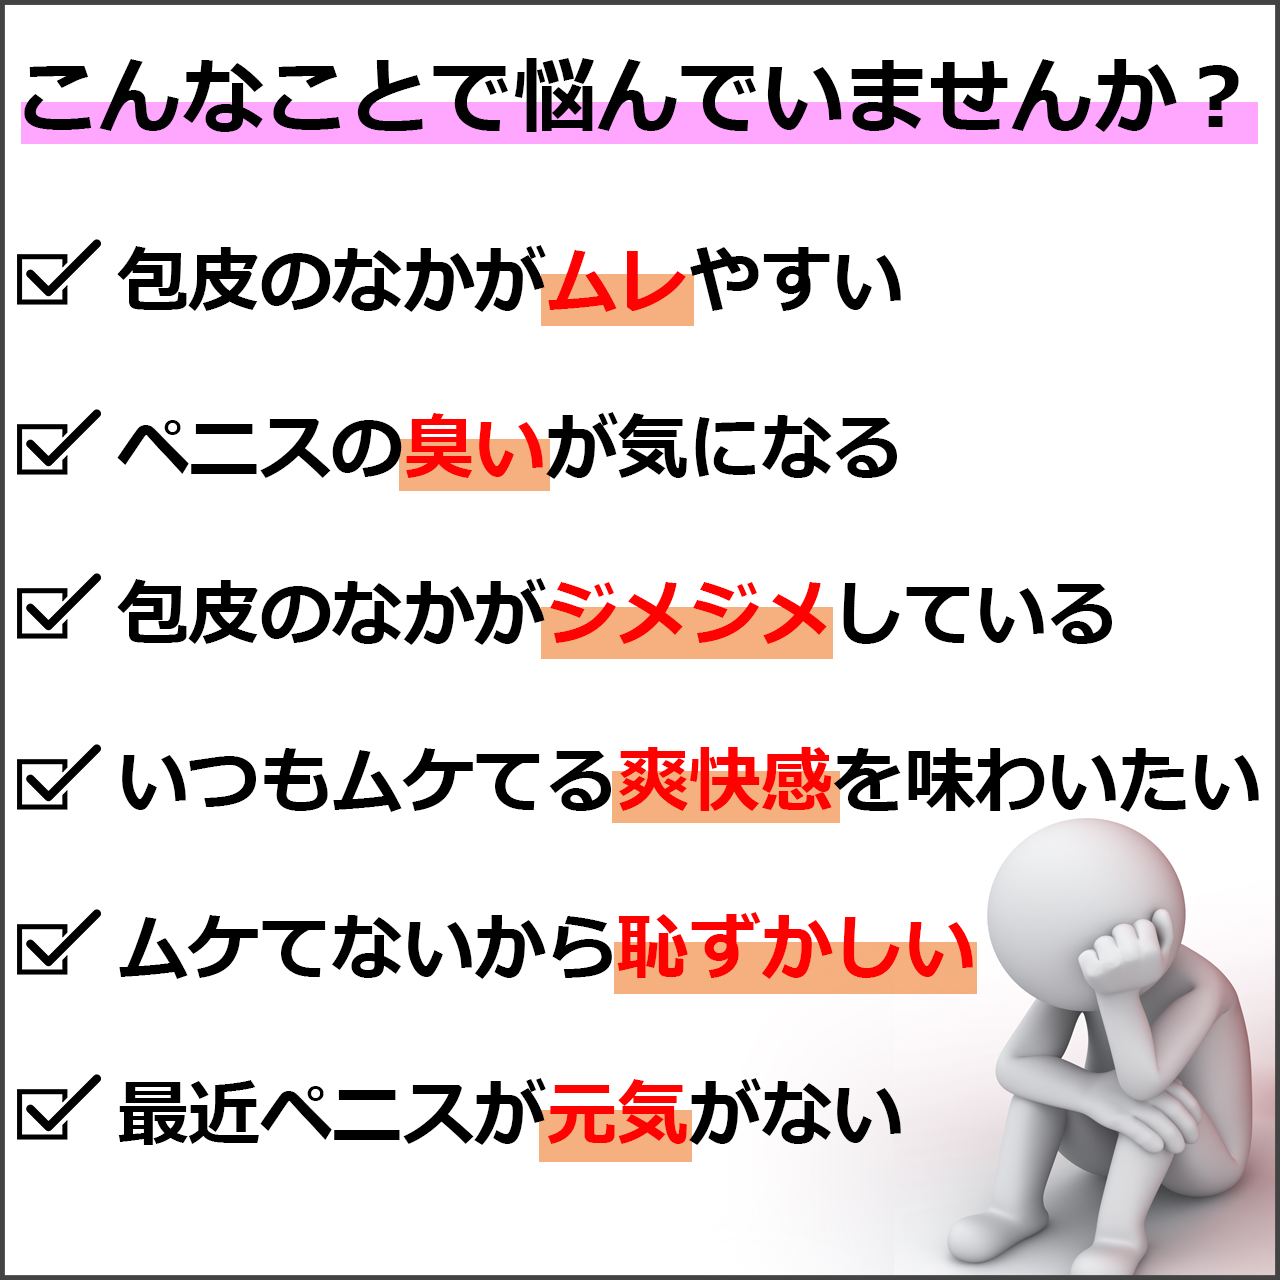 カリバウアー 忍 -XINOBI- ストロング&ストロングプラス 2本セット(ストラップ付)